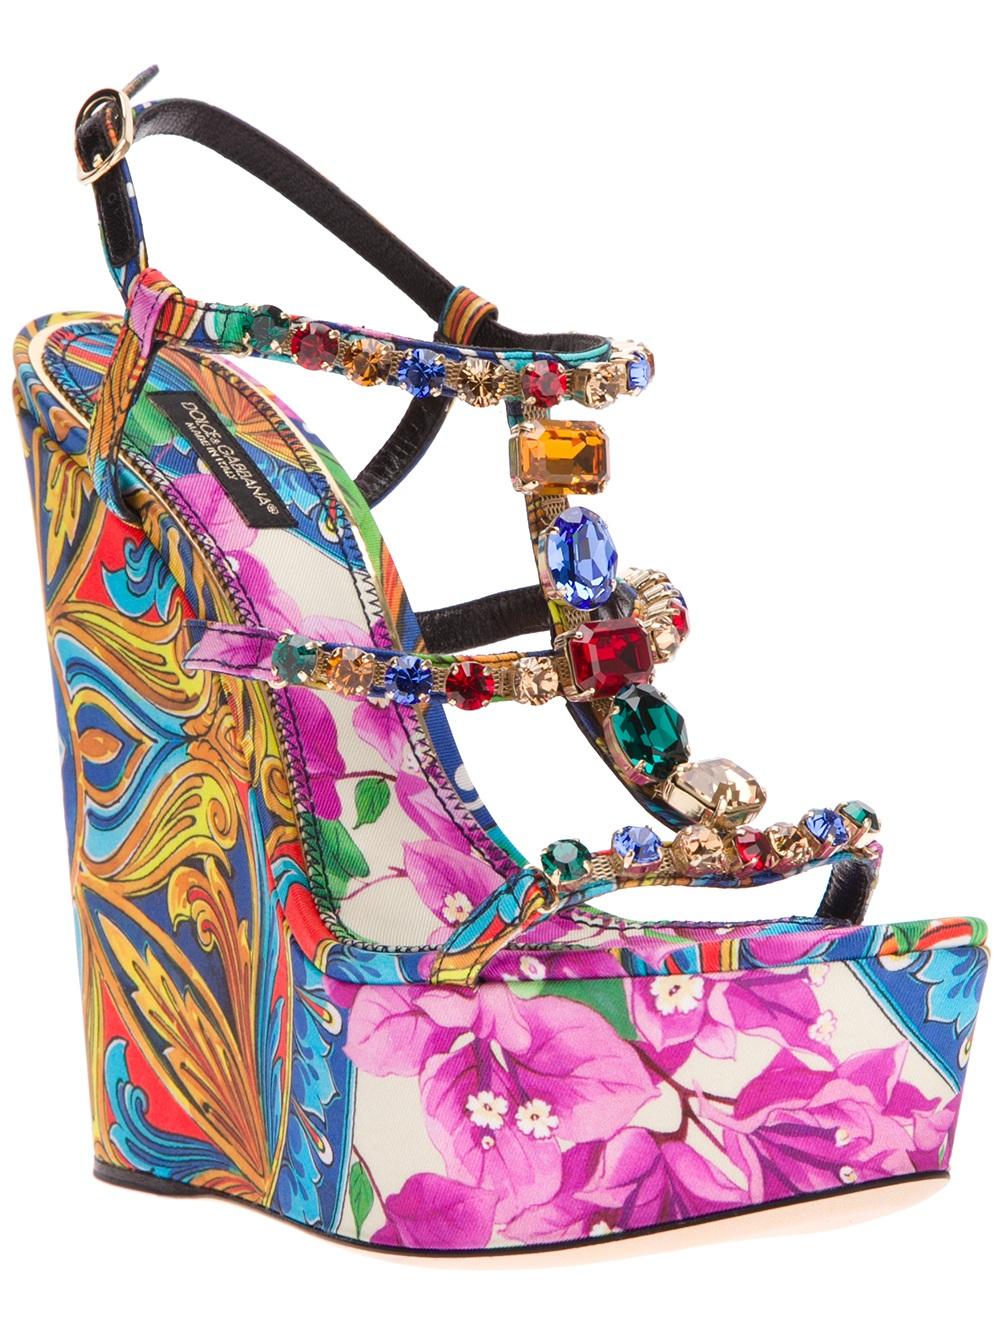 Dolce & Gabbana Embellished Wedge Sandals sale huge surprise deals online btaDRUp